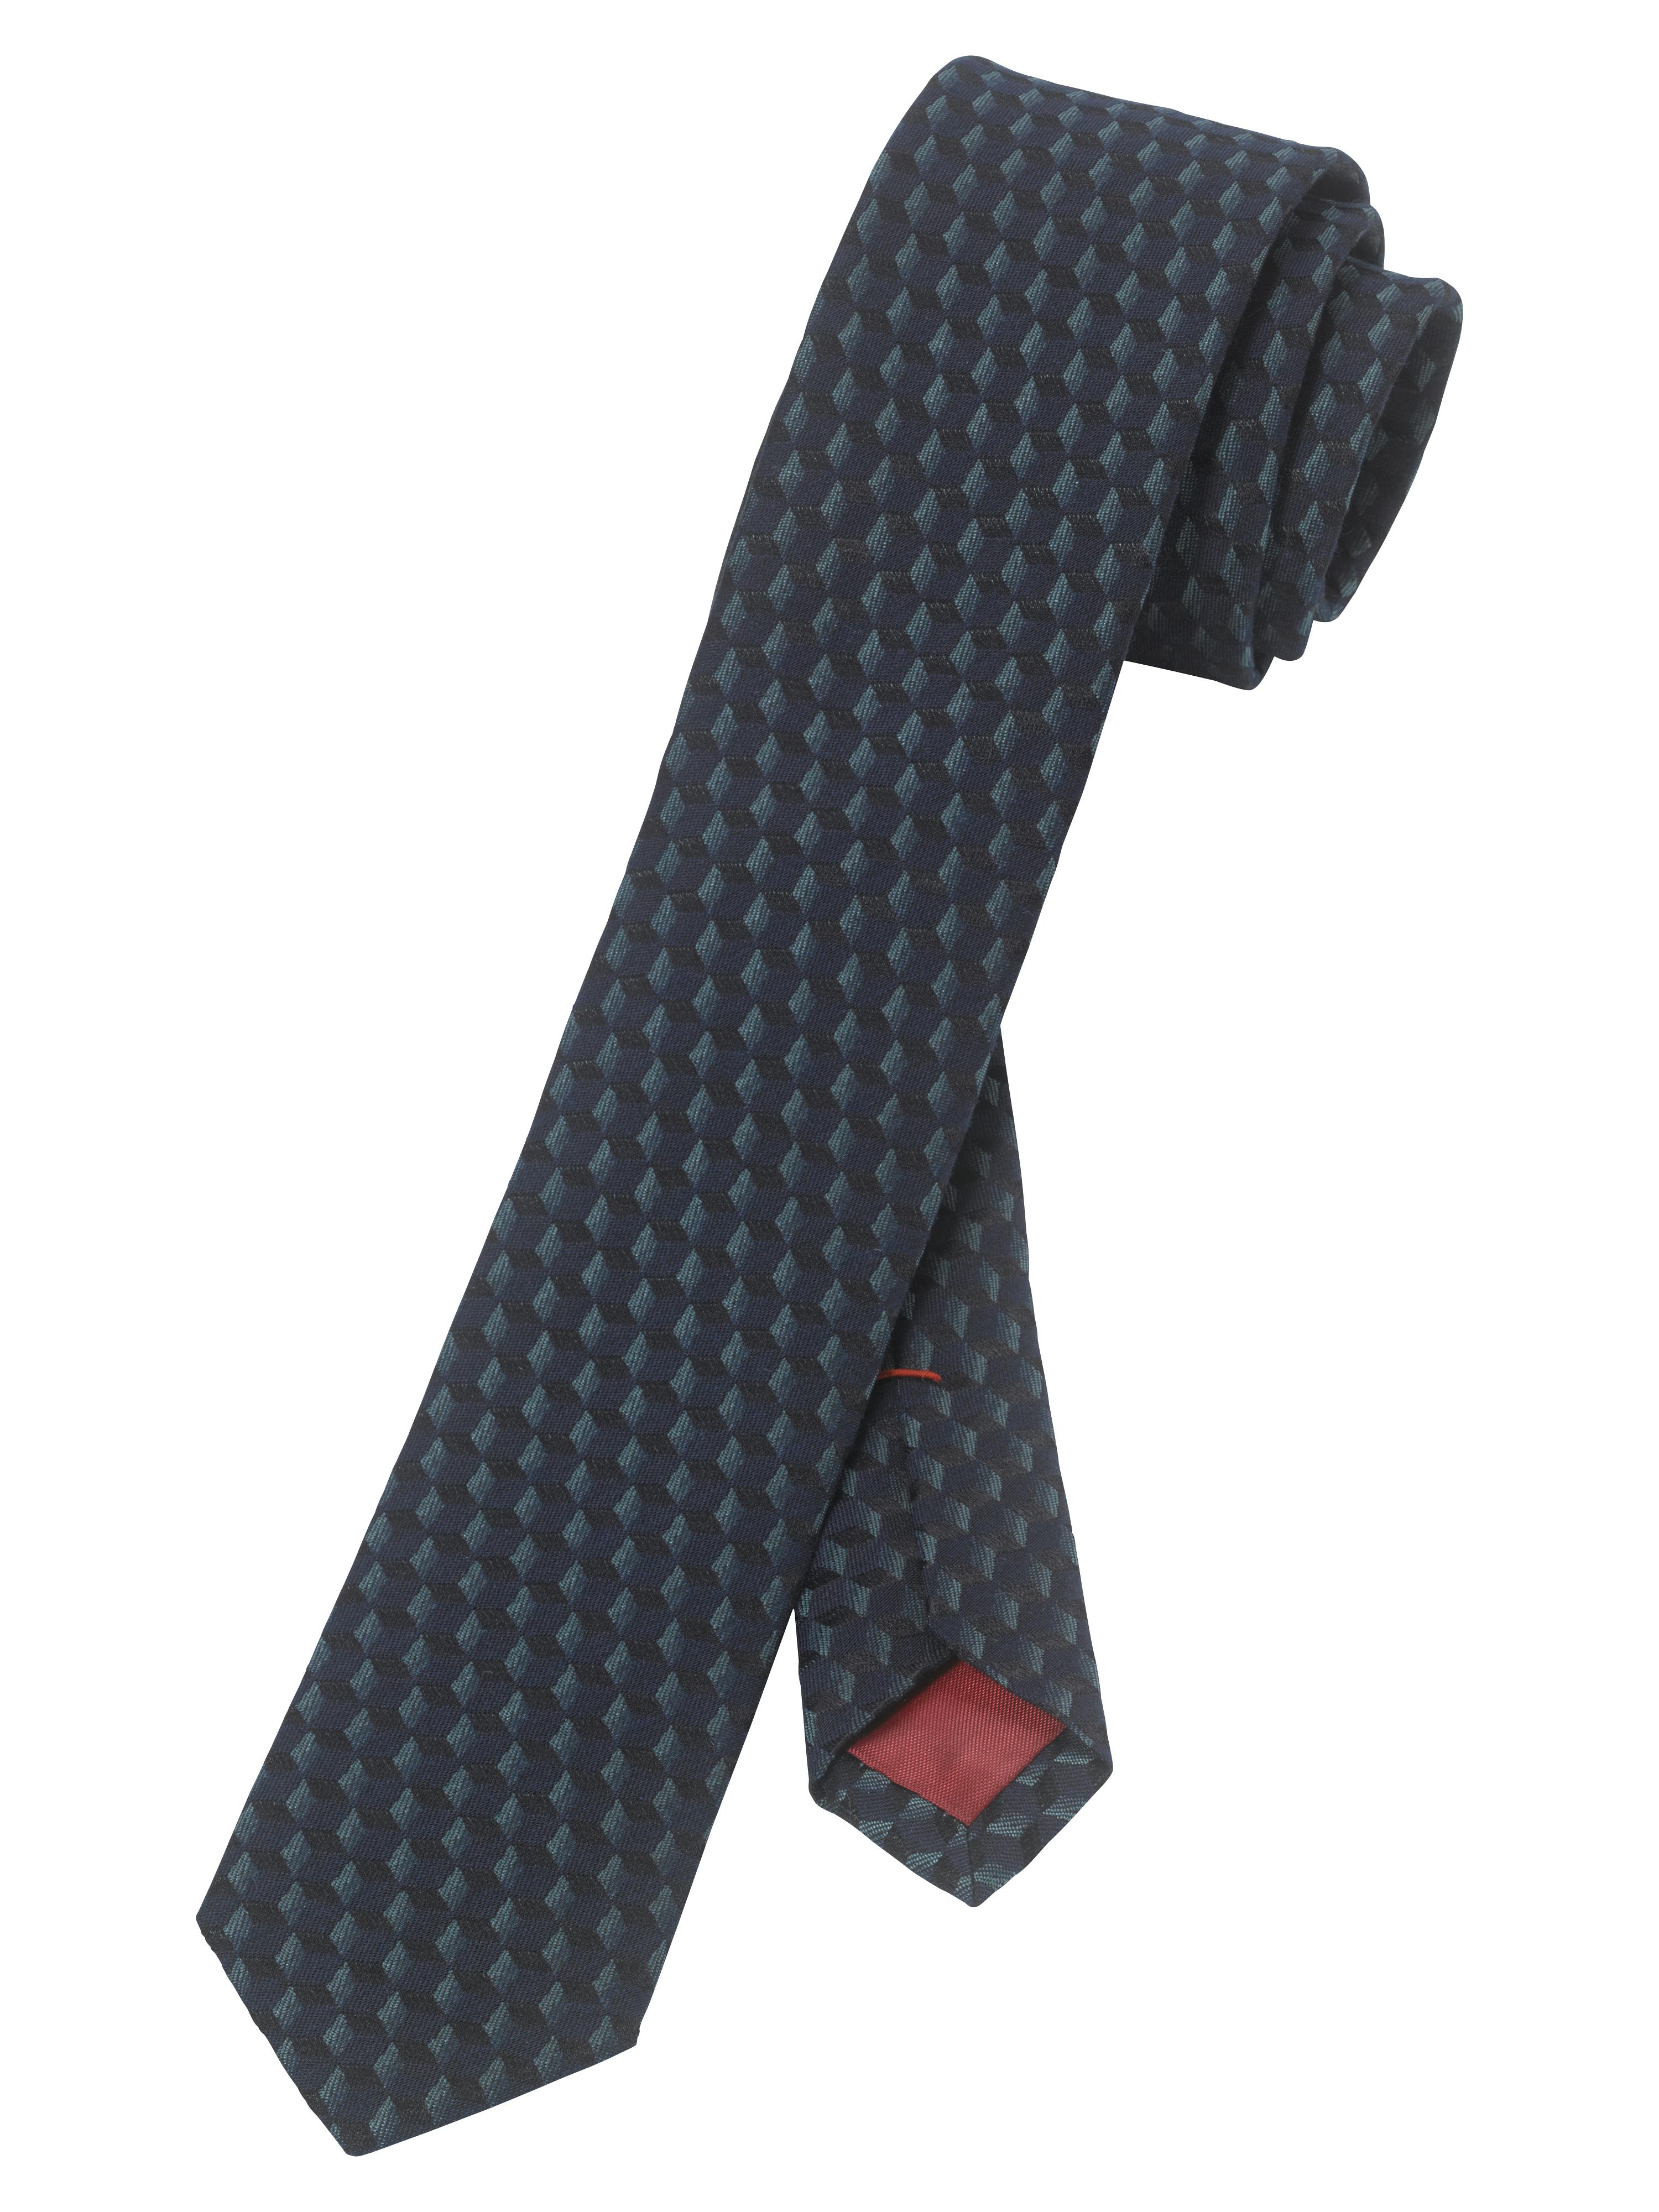 OLYMP  Krawatte, Grau-Grün,   Accessoires   OLYMP